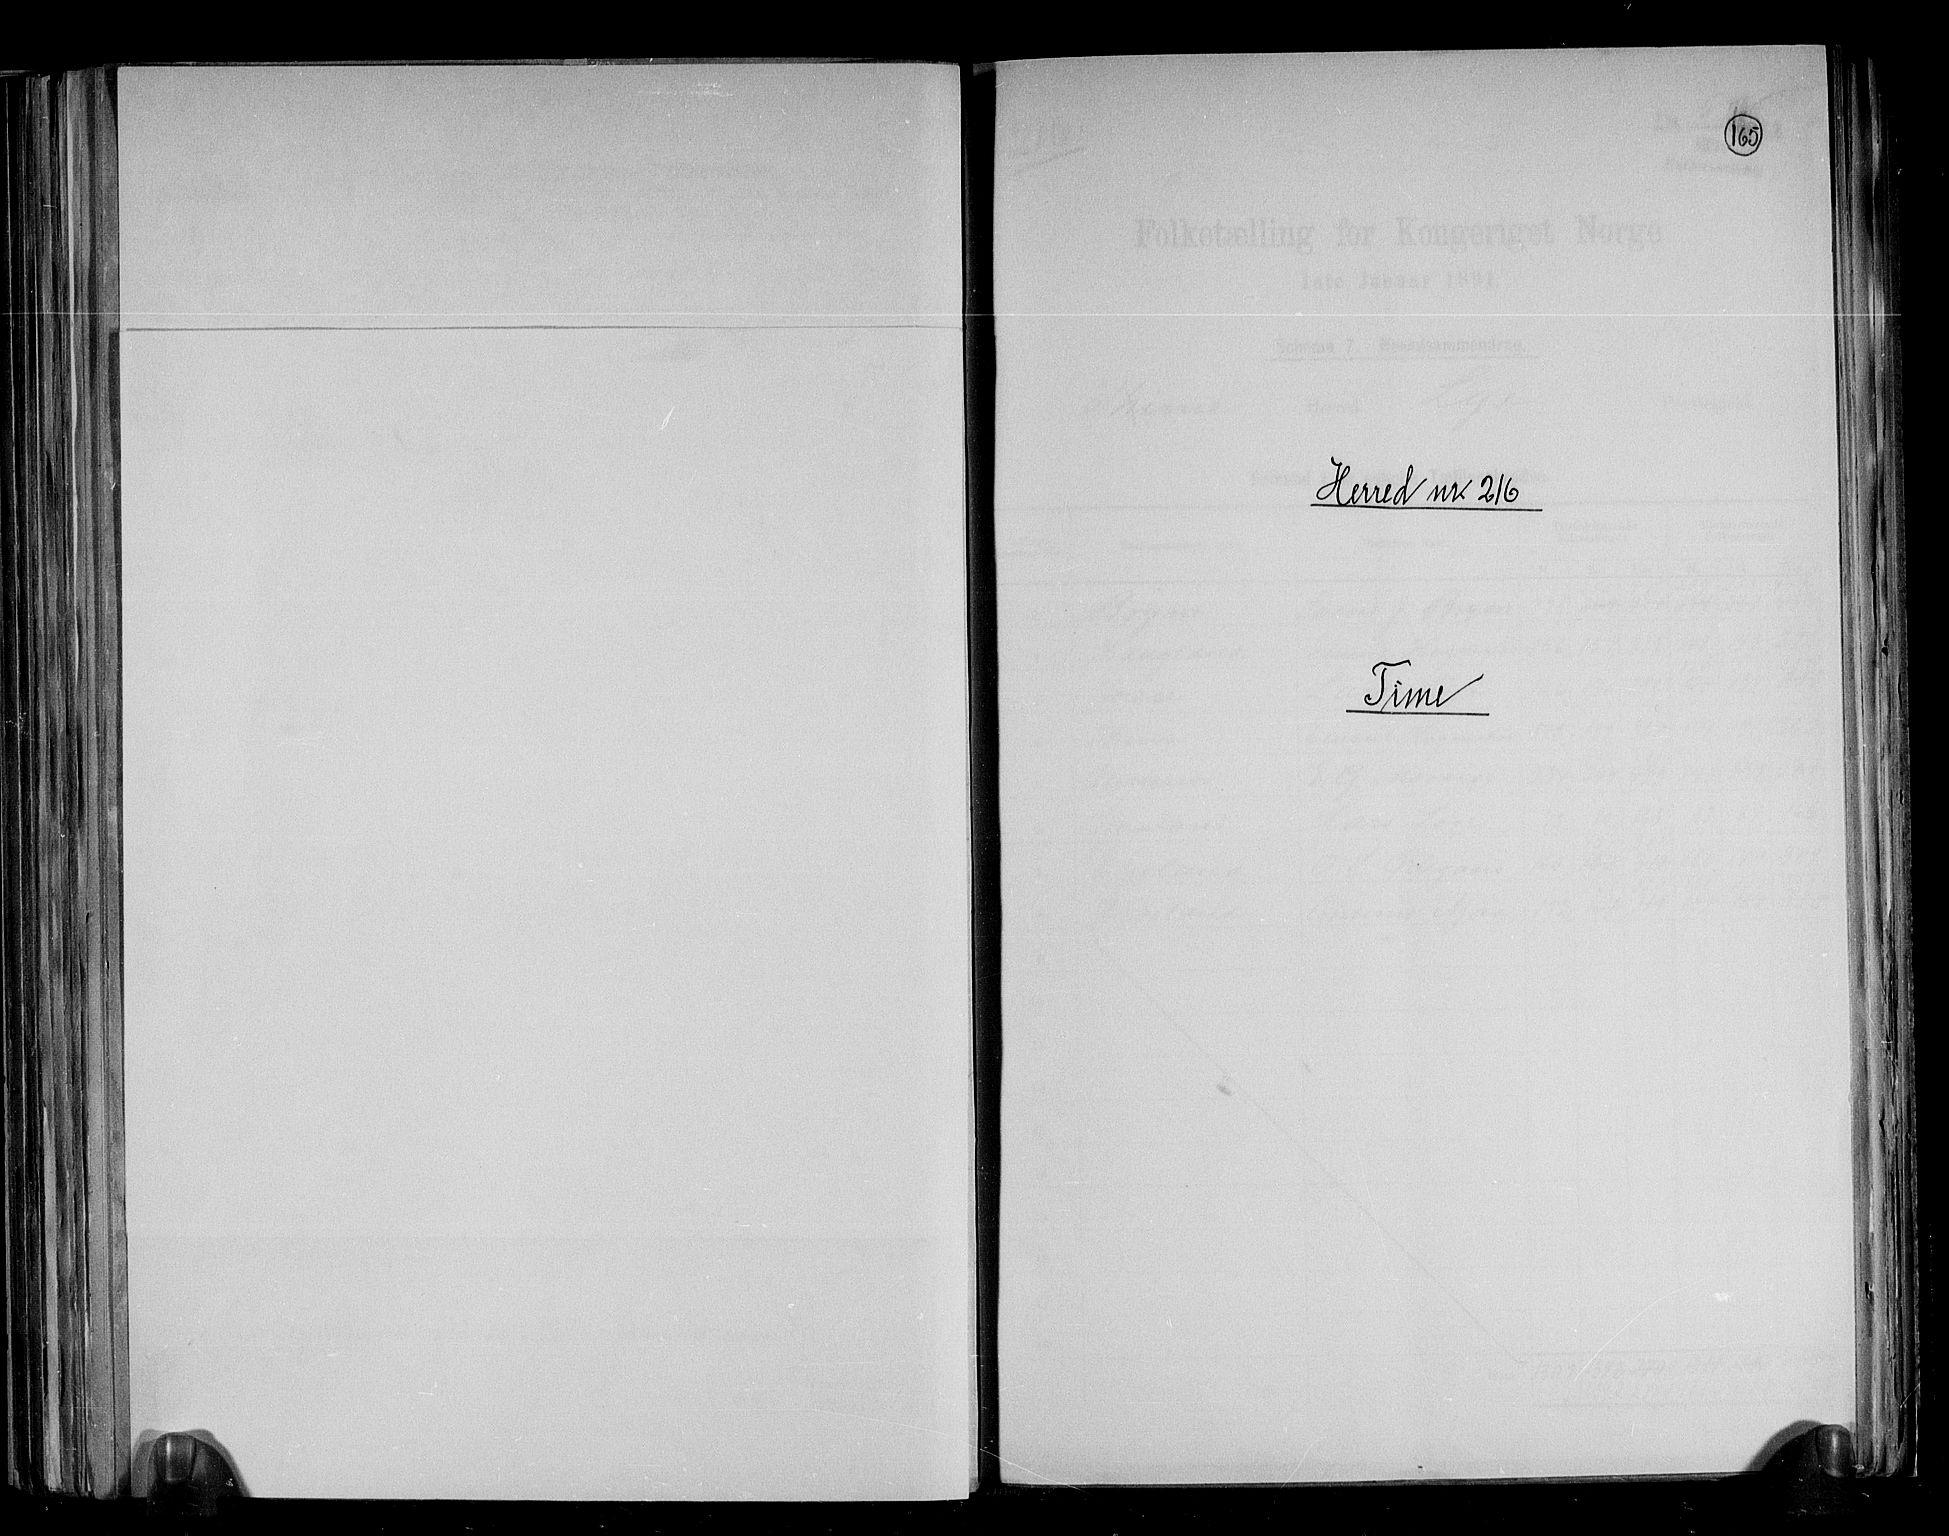 RA, Folketelling 1891 for 1121 Time herred, 1891, s. 1